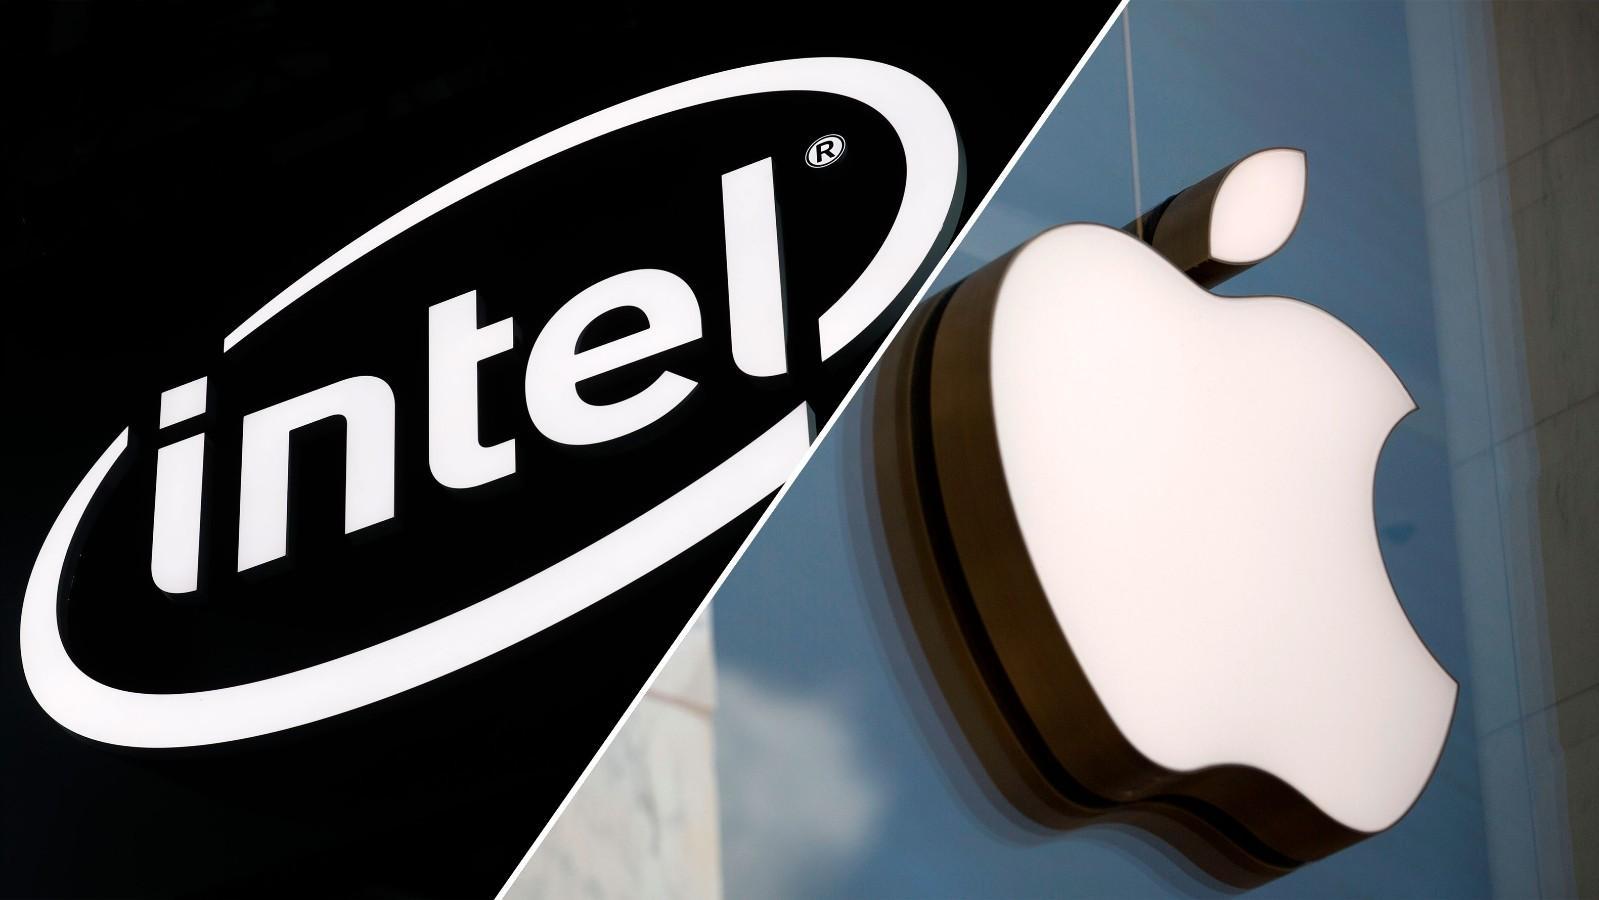 苹果和英特尔为什么会变成路人?